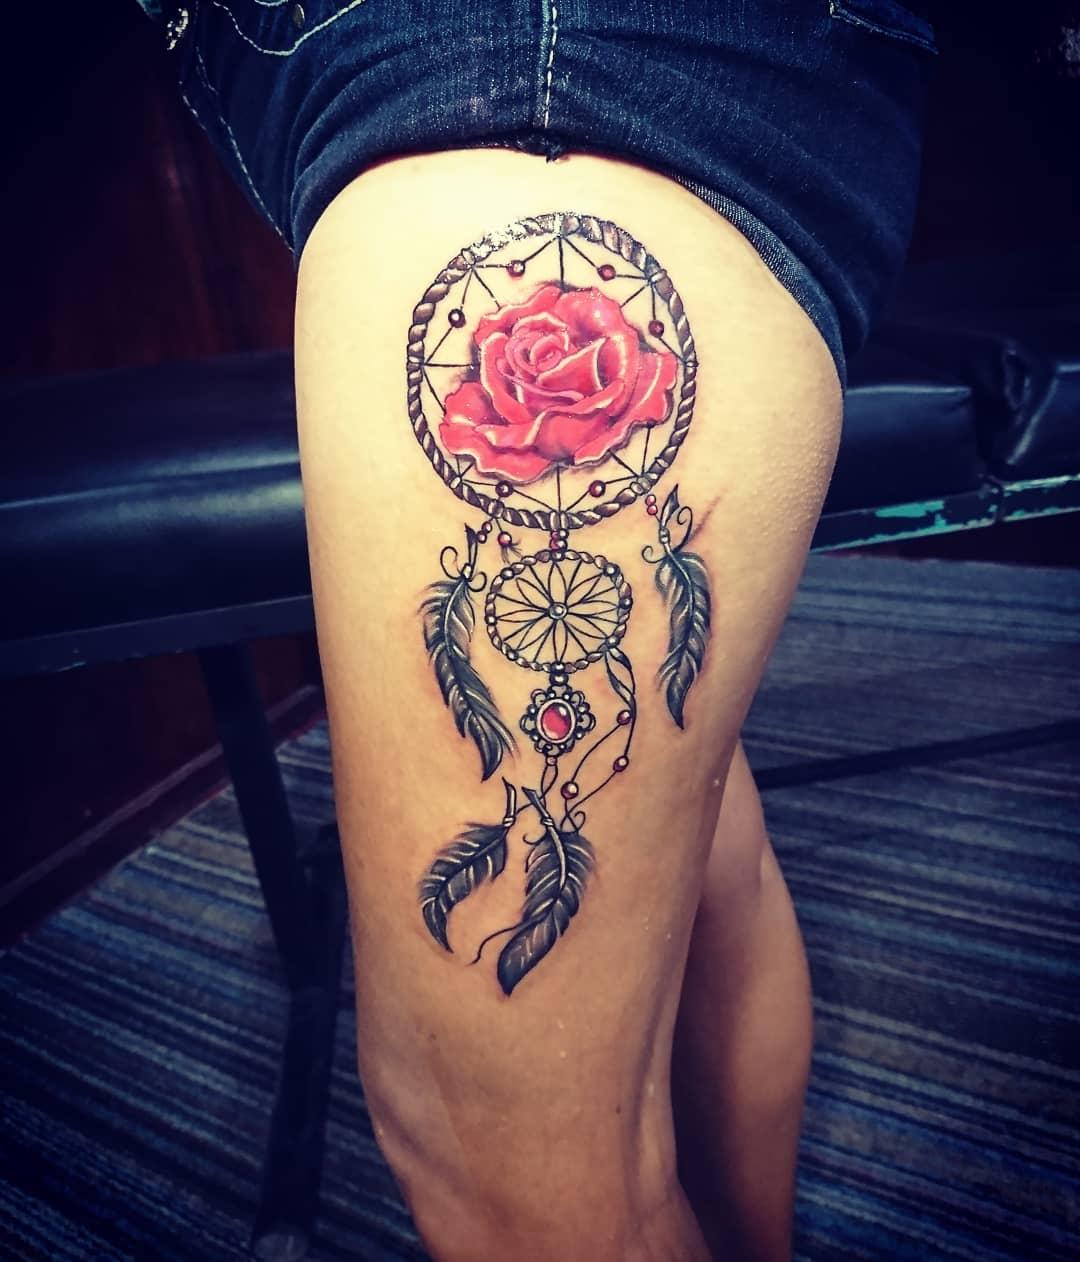 惠小姐大腿玫瑰捕梦网纹身图案